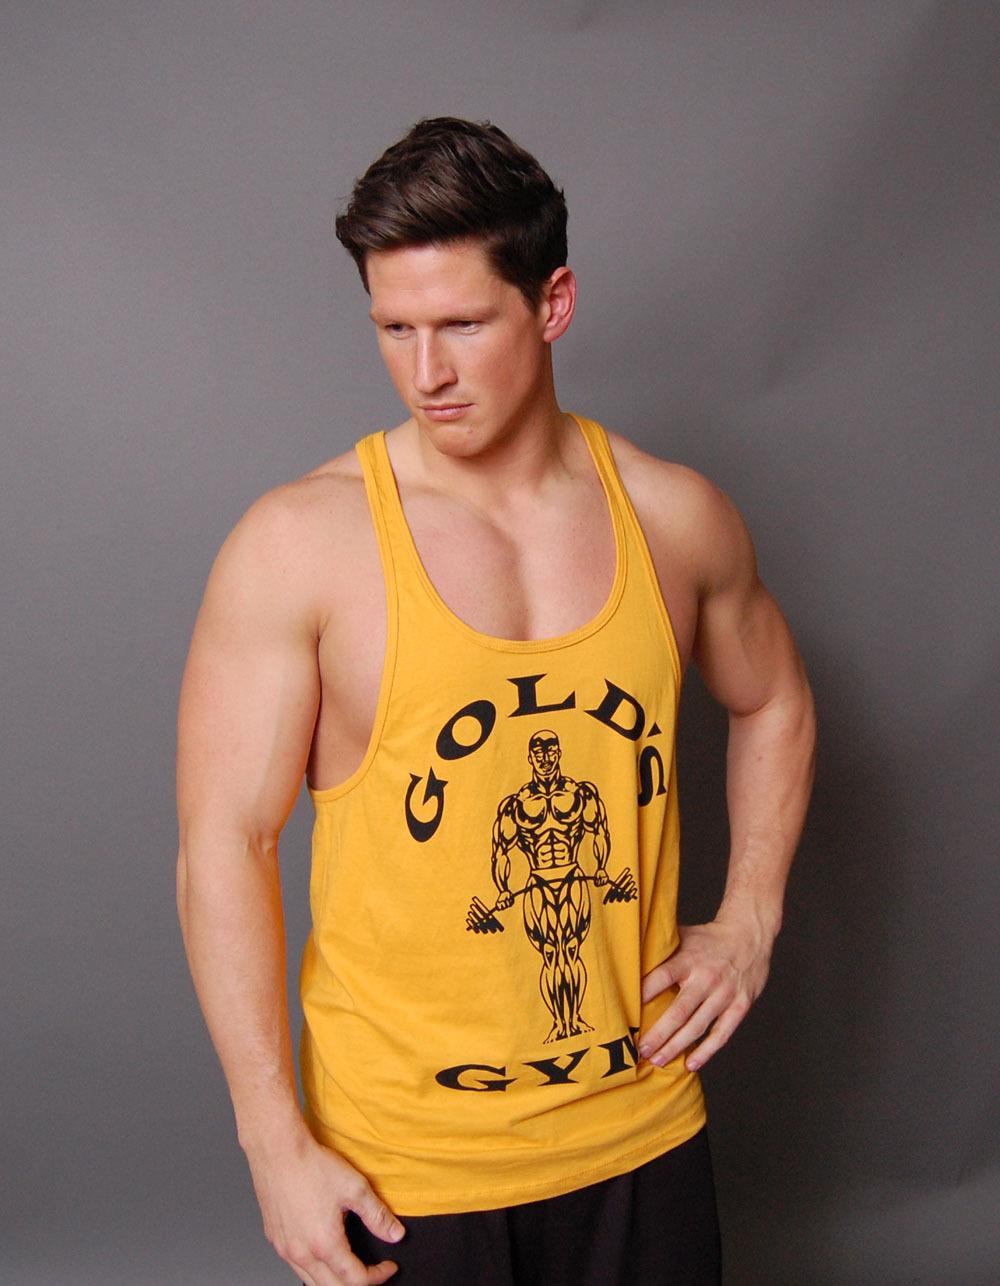 bodybuilding stringer tank tops fitness men cotton gold 39 s. Black Bedroom Furniture Sets. Home Design Ideas